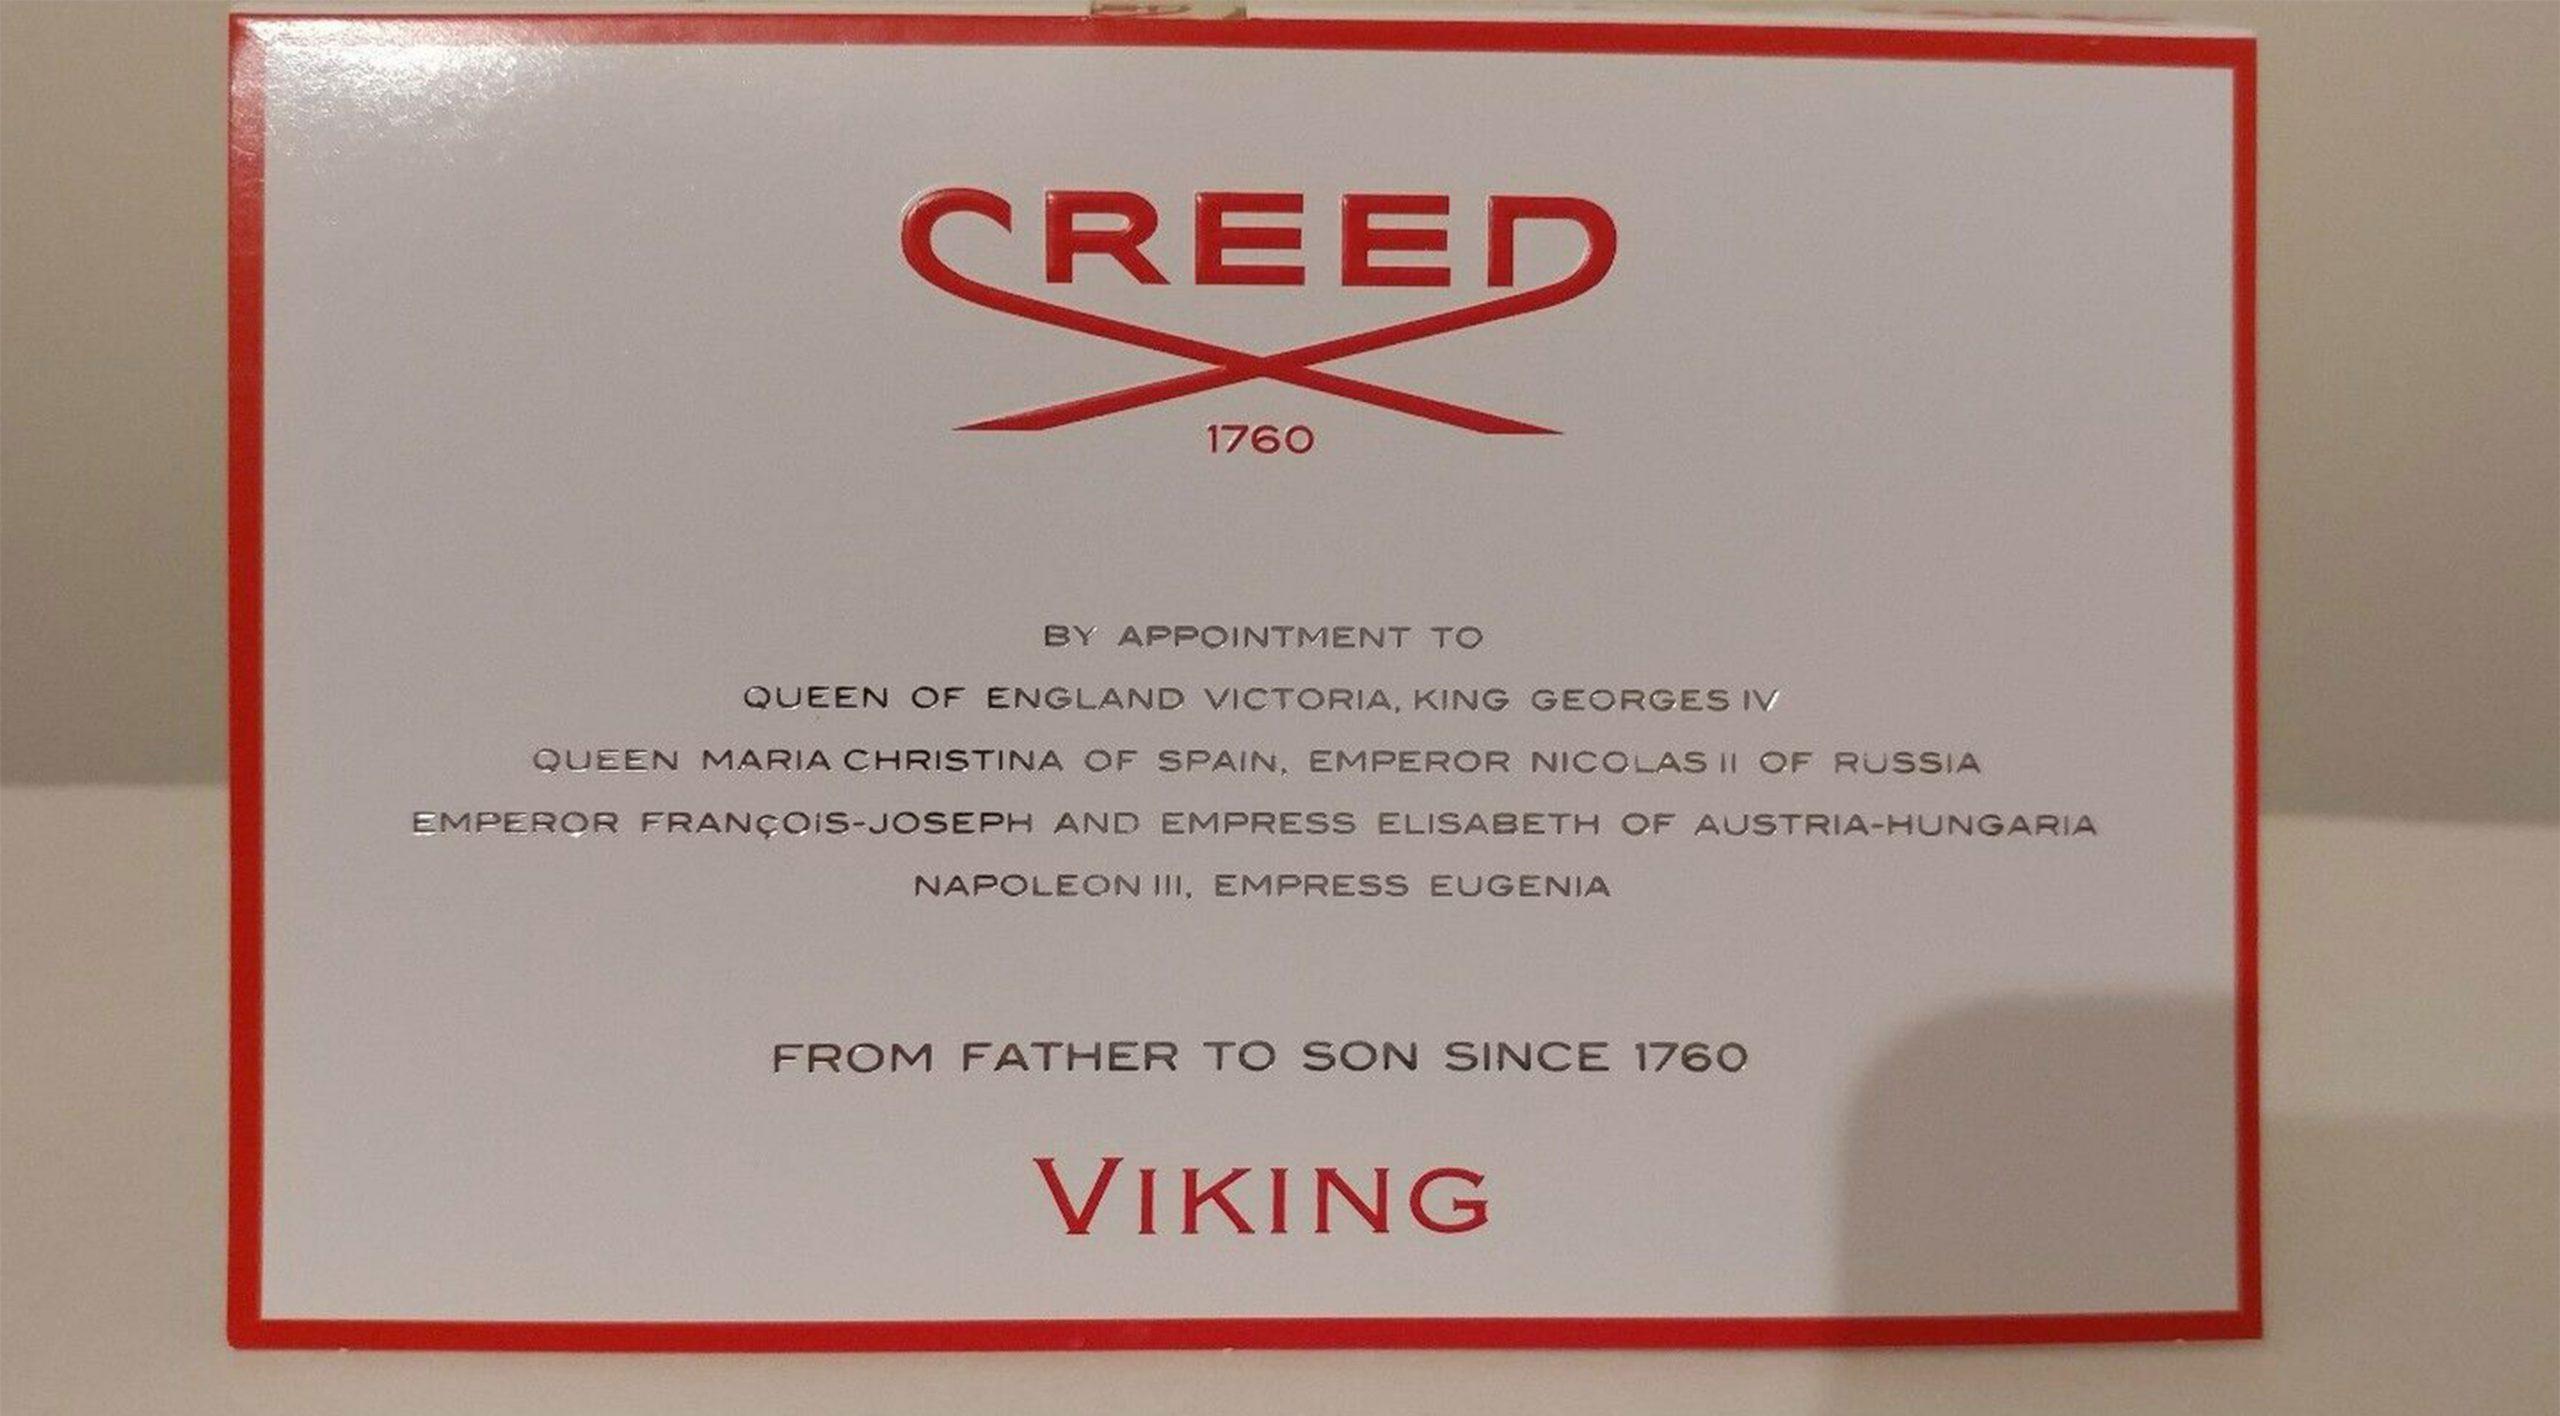 زمانی که سمپل کرید وایکینگ (Creed Viking Sample) را اسپری می کنید، ترکیبی از ترنج، فلفل صورتی، لیمو سیسیلی به مشام شما می رسد.